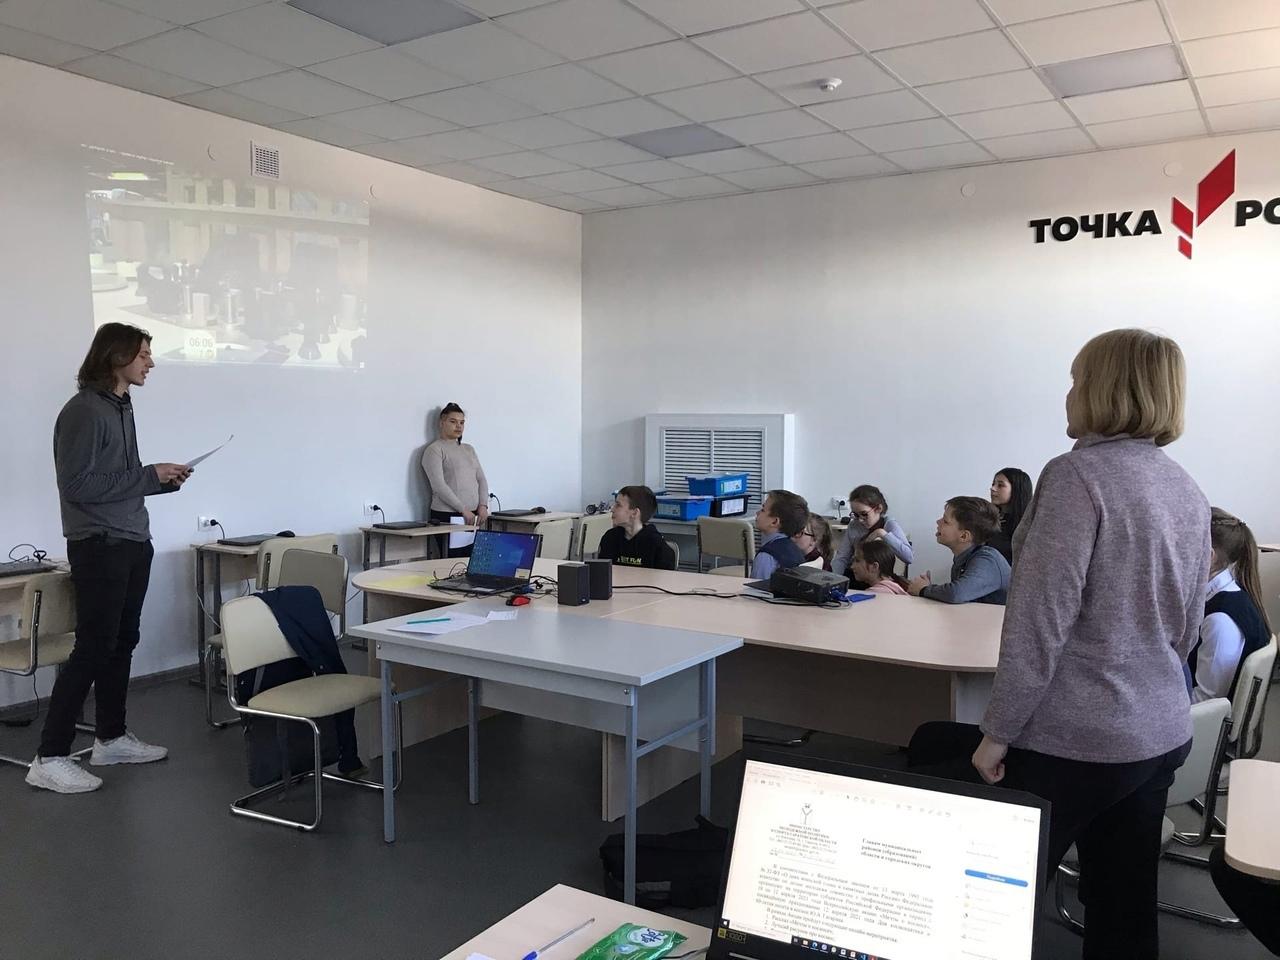 Воспитанники Центра «Точка роста» отметили день рождения Рунета